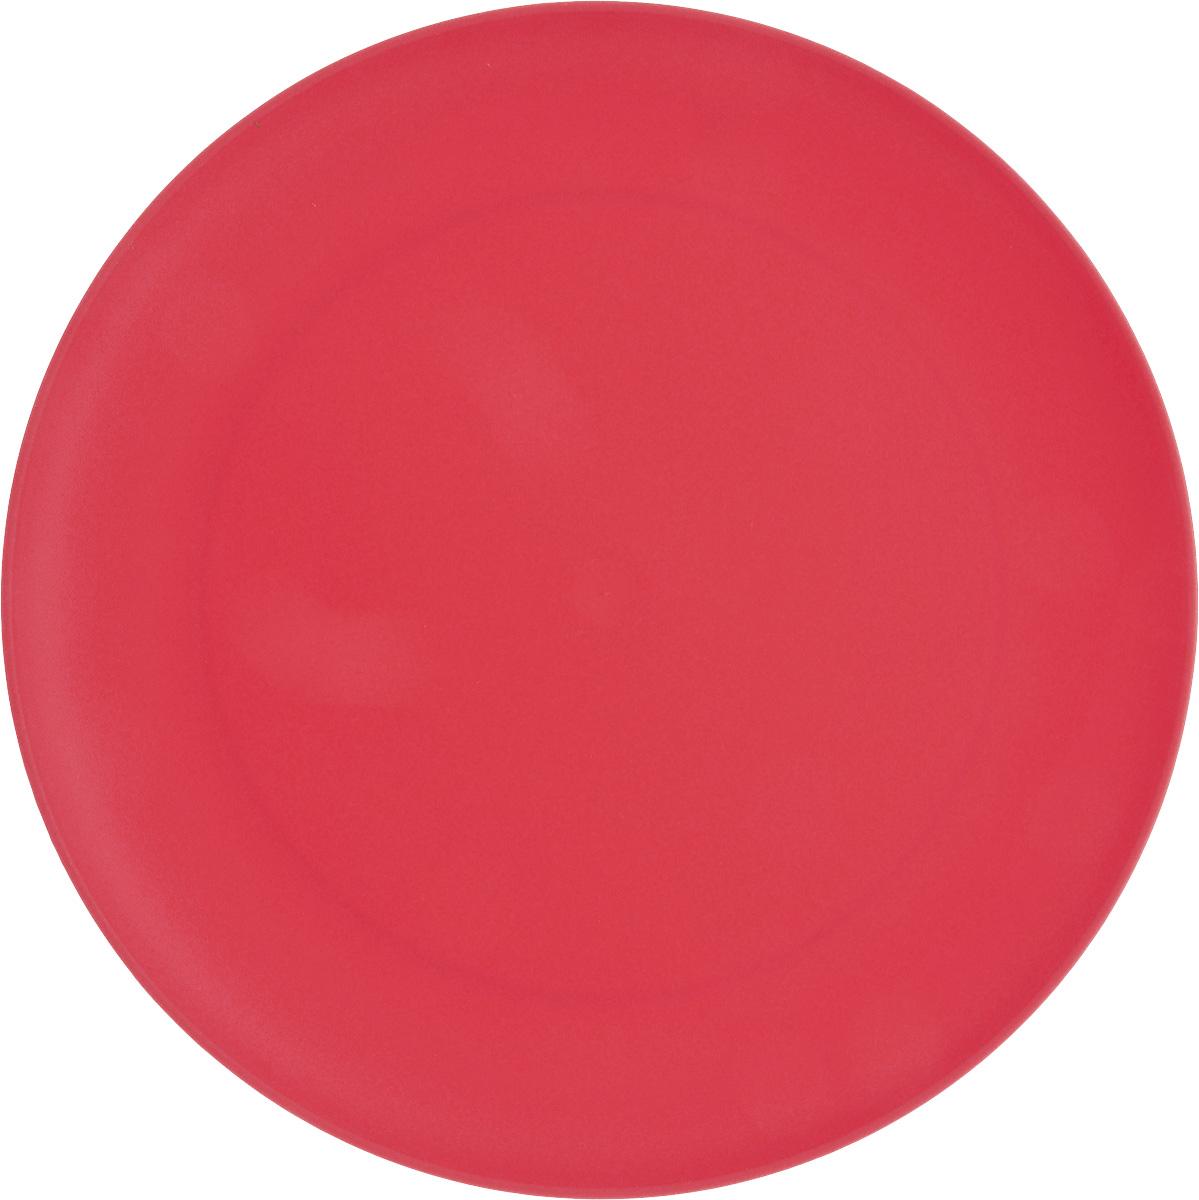 Тарелка Gotoff, цвет: красный, диаметр 23,5 смWTC-273_красныйКруглая тарелка Gotoff выполнена из прочного пищевого полипропилена. Изделие отлично подойдет как для холодных, так и для горячих блюд. Его удобно использовать дома или на даче, брать с собой на пикники и в поездки. Отличный вариант для детских праздников. Такая тарелка не разобьется и будет служить вам долгое время.